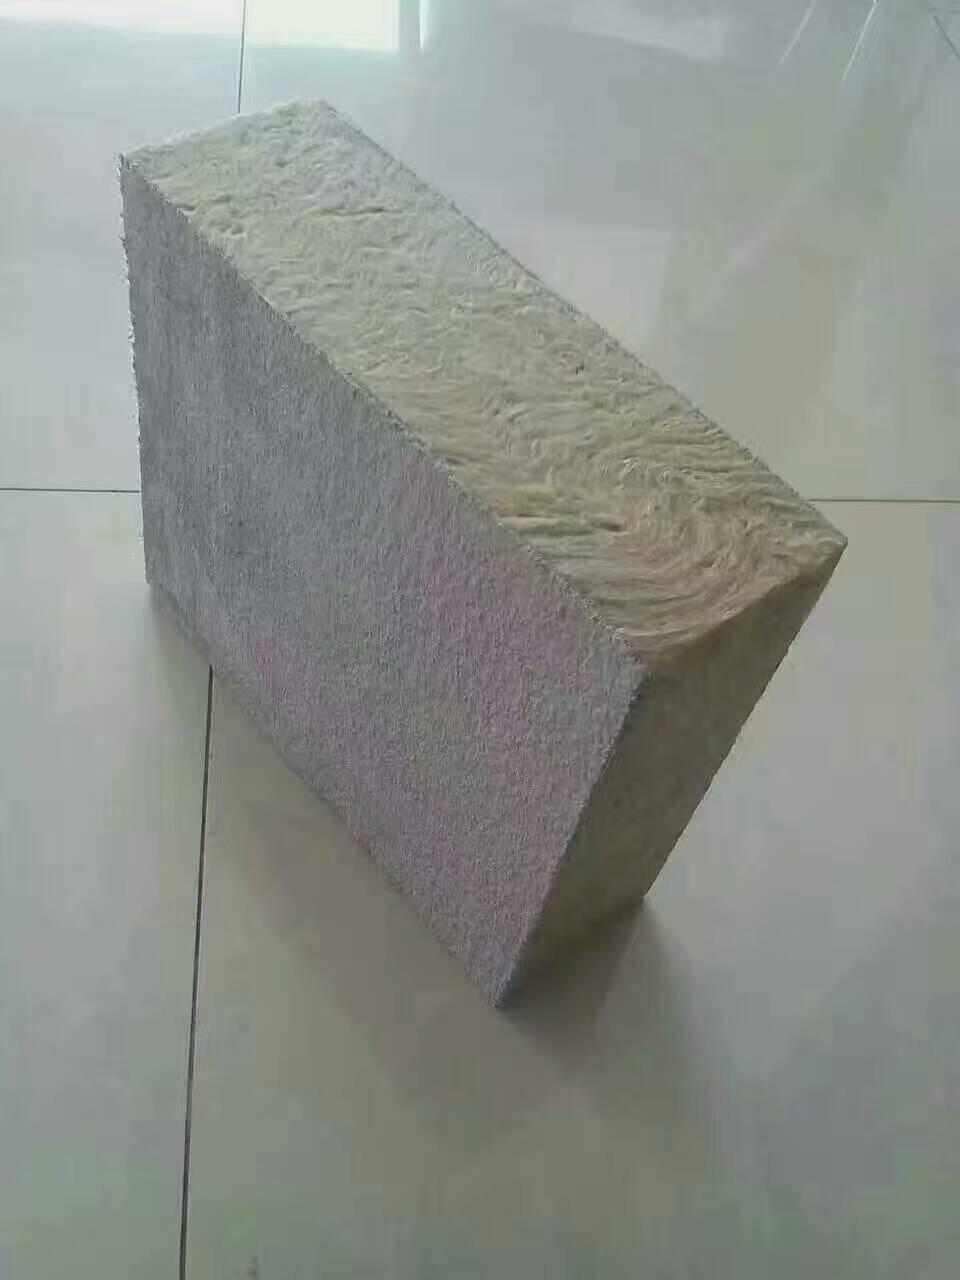 岩棉板厂家 岩棉板价格 岩棉板报价 岩棉板供应商